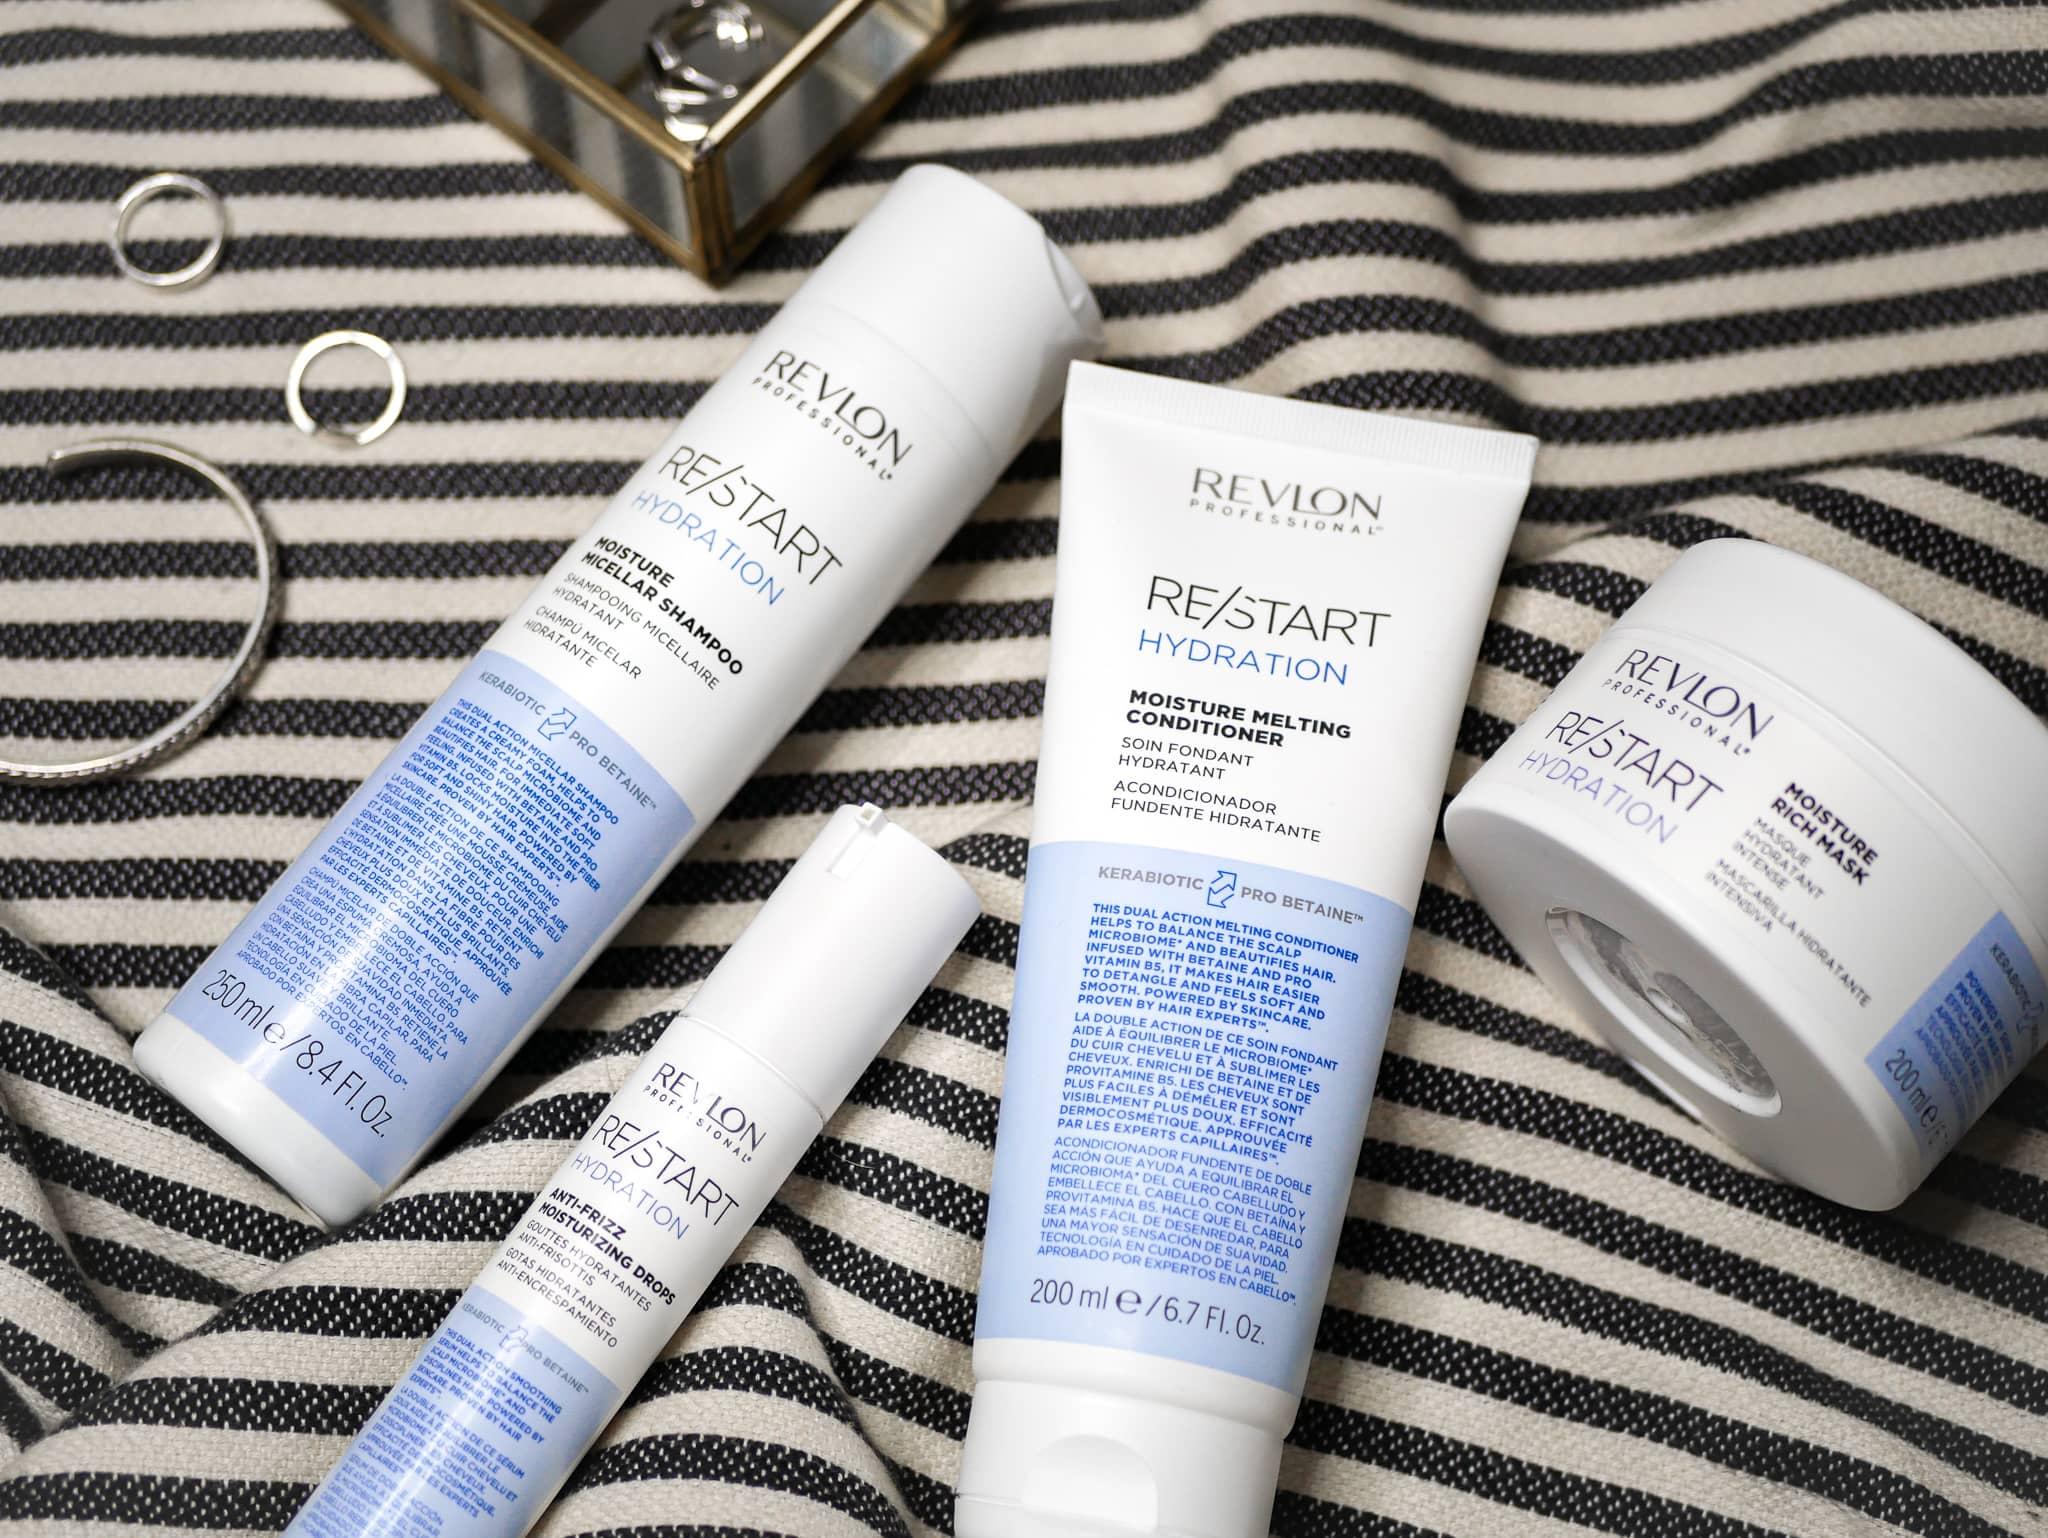 RESTART your hair avec Revlon Professional : présentation et avis de la gamme RE/START Hydratation